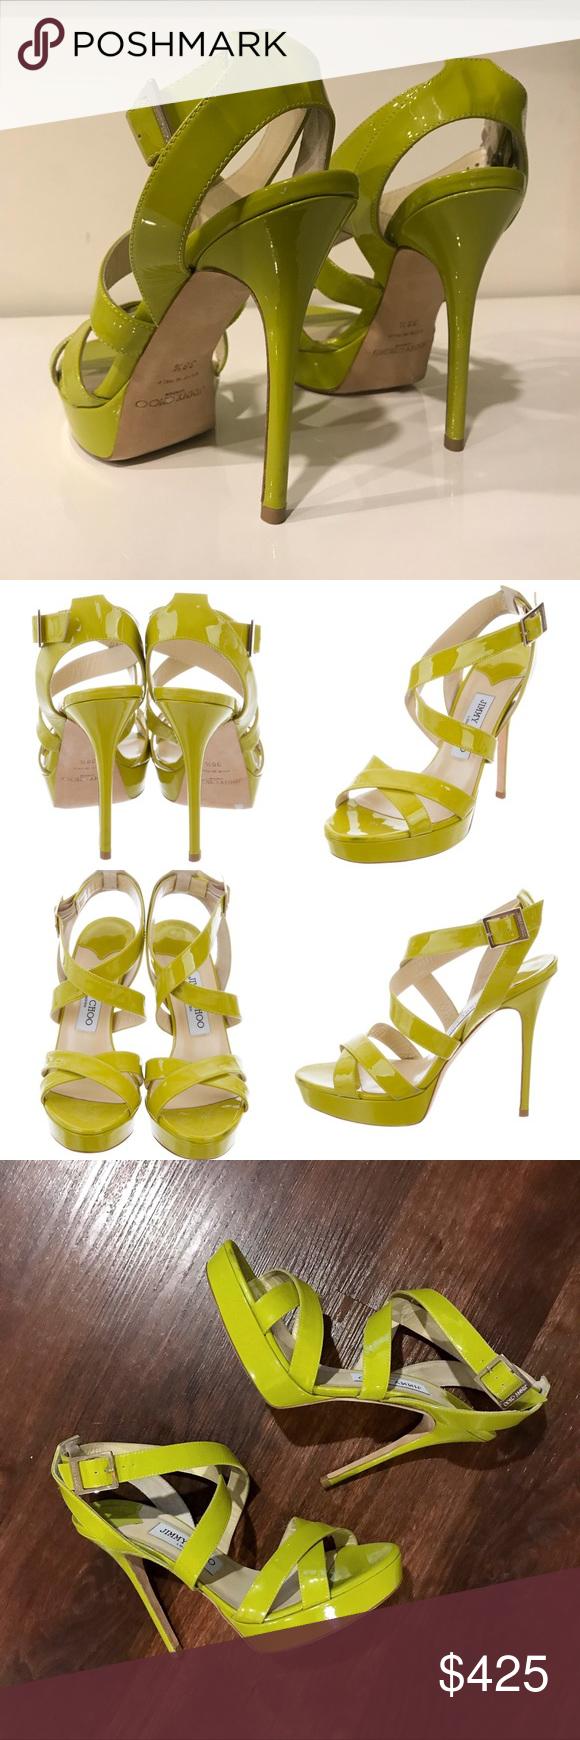 7eaf349543c Jimmy Choo Platform Sandals - Lime Green 😍 Excellent condition ...